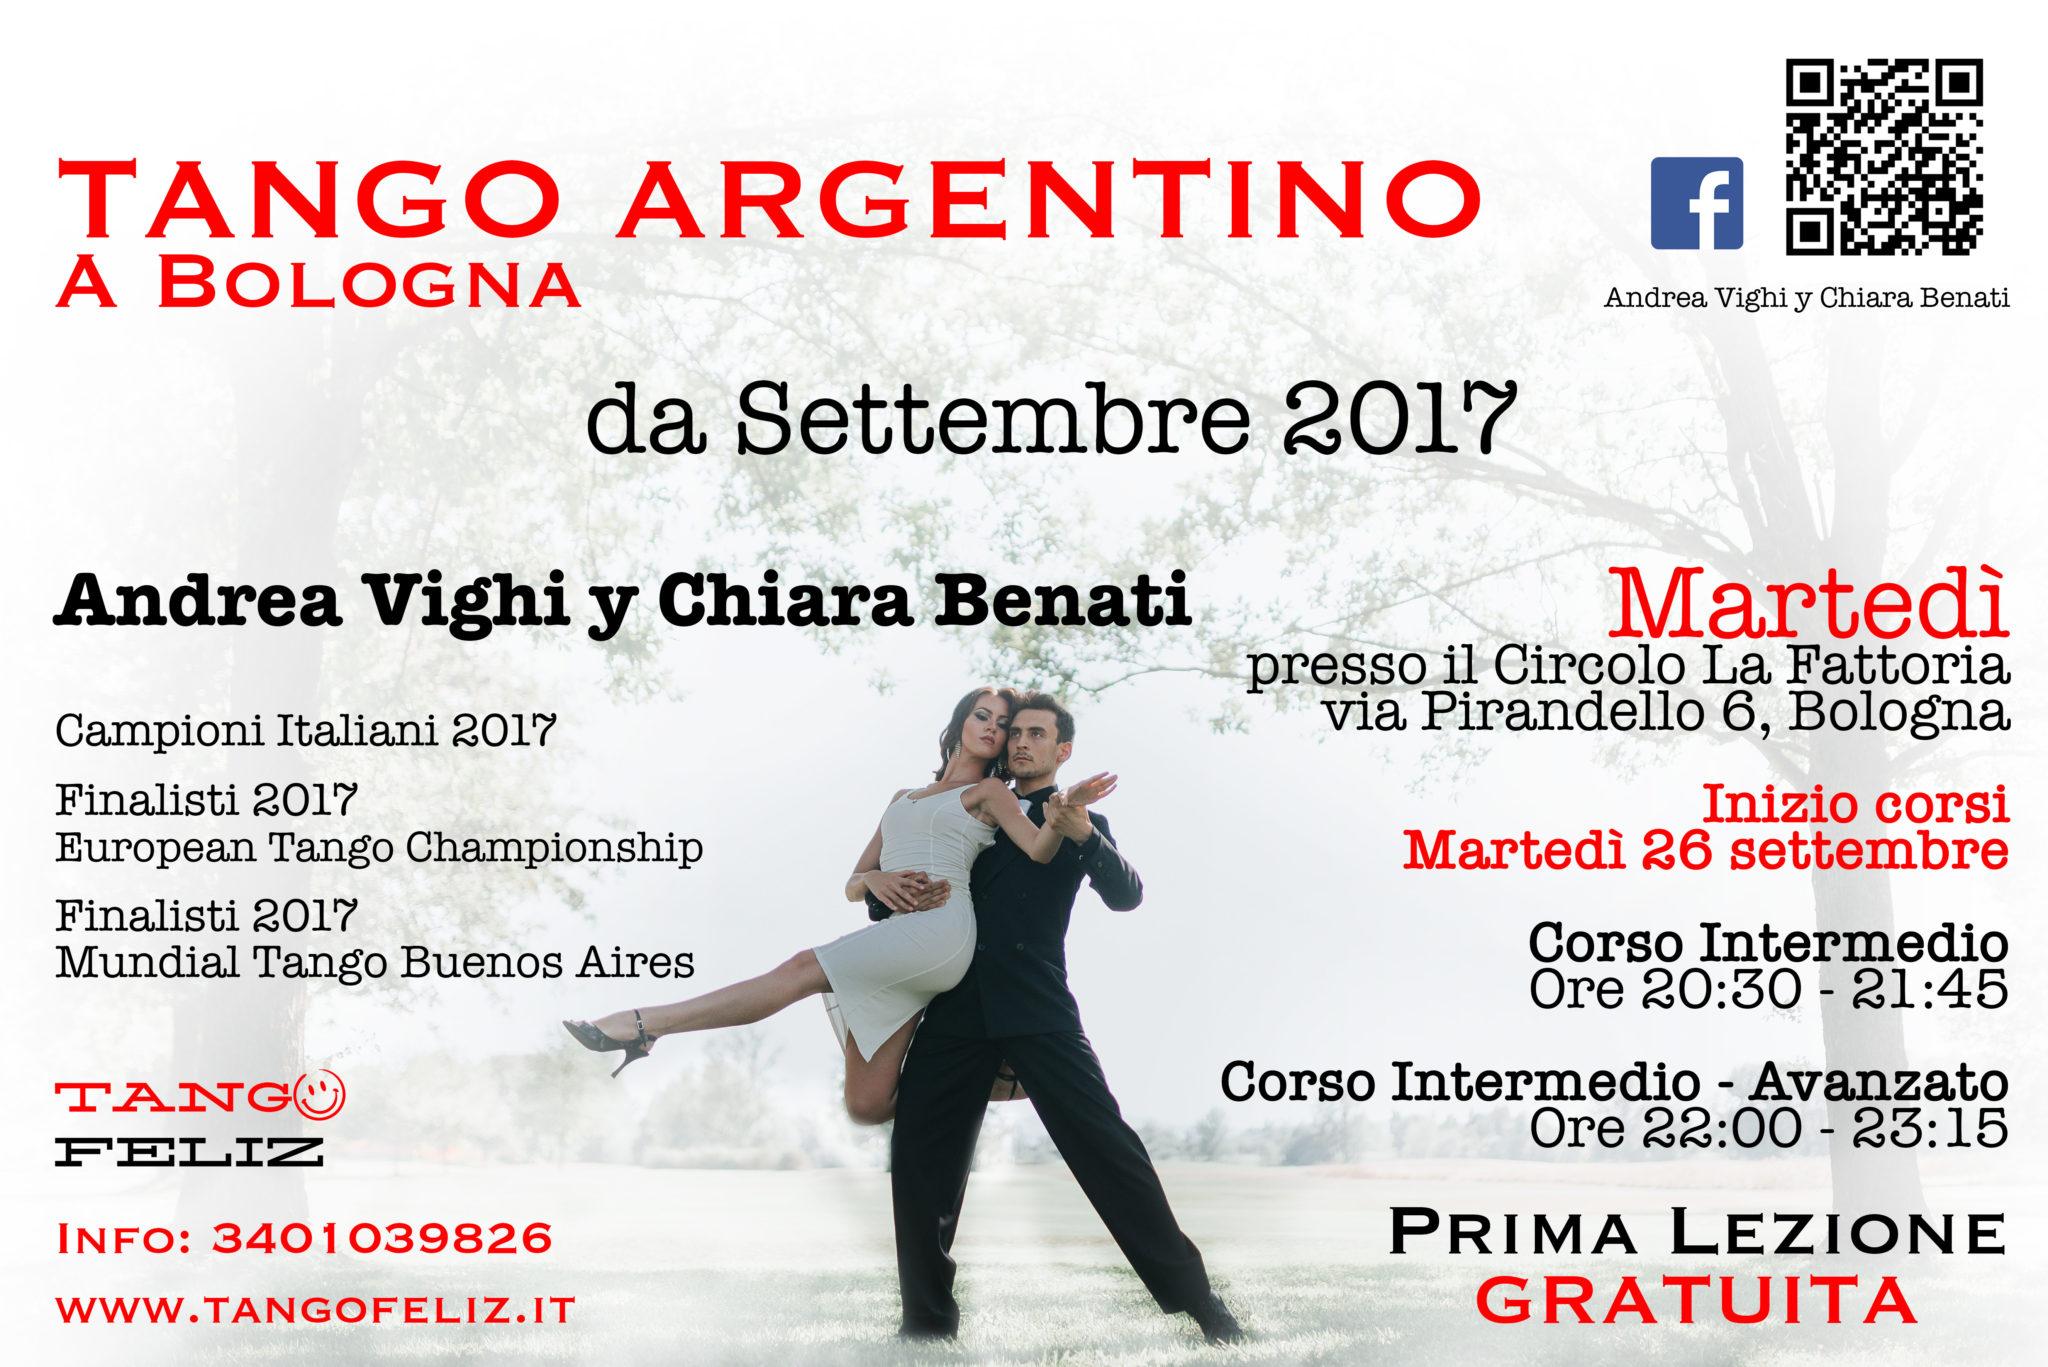 corsi tango Fattoria settembre 2017 Bologna